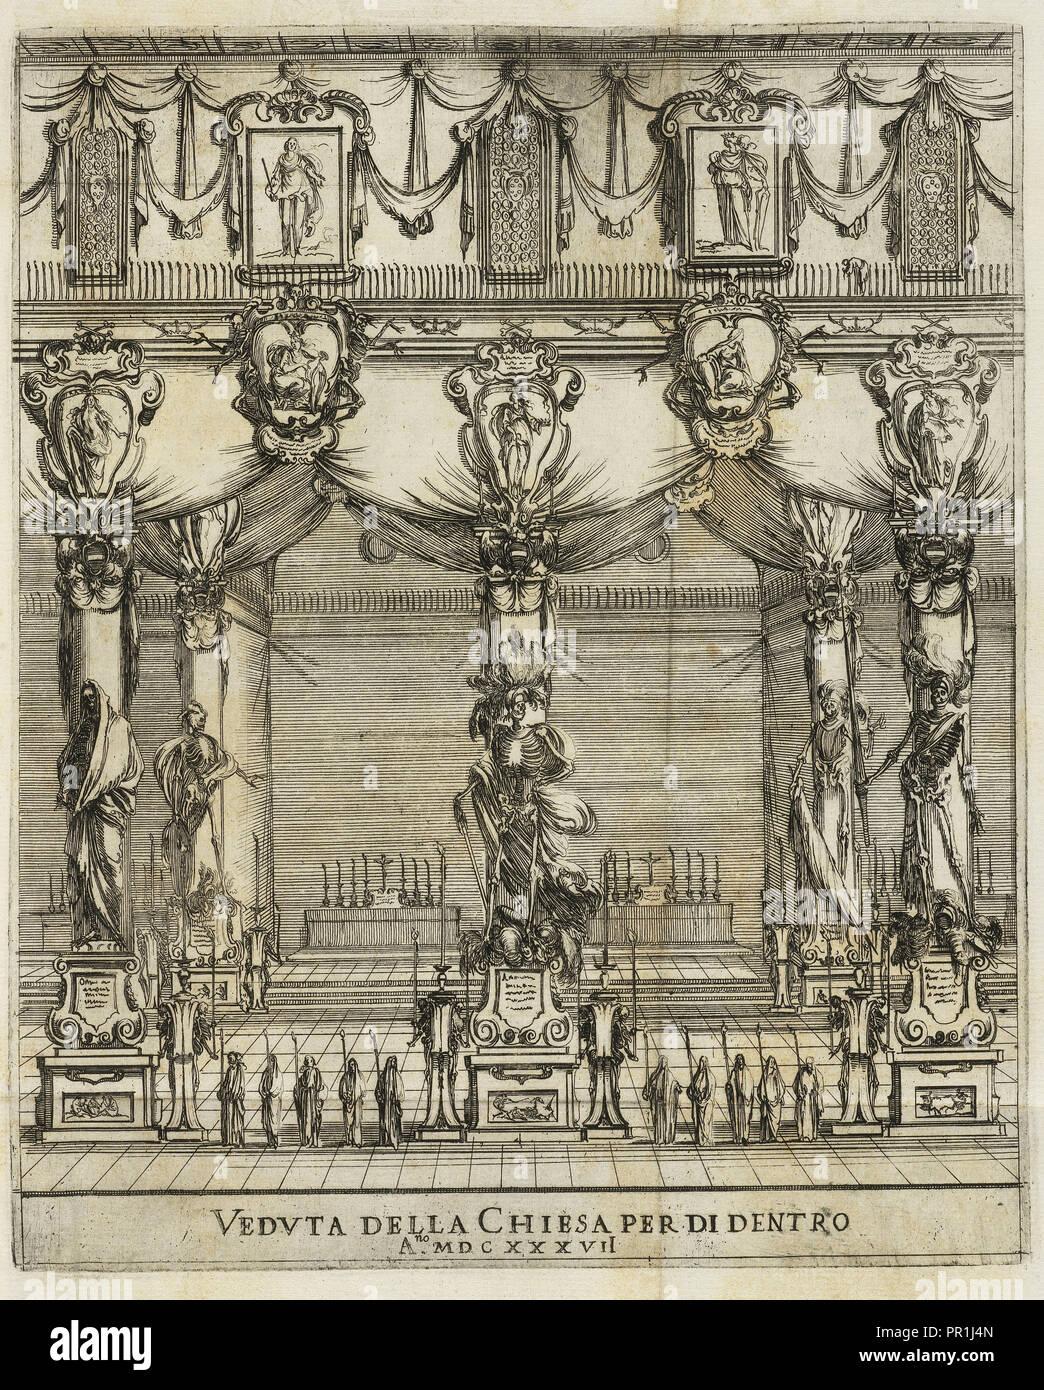 Vedvta della chiesa al di dentro un.no MDCXXXVII, Eseqvie della Maestà Cesarea dell'imperadore Ferdinando II, della Bella Immagini Stock